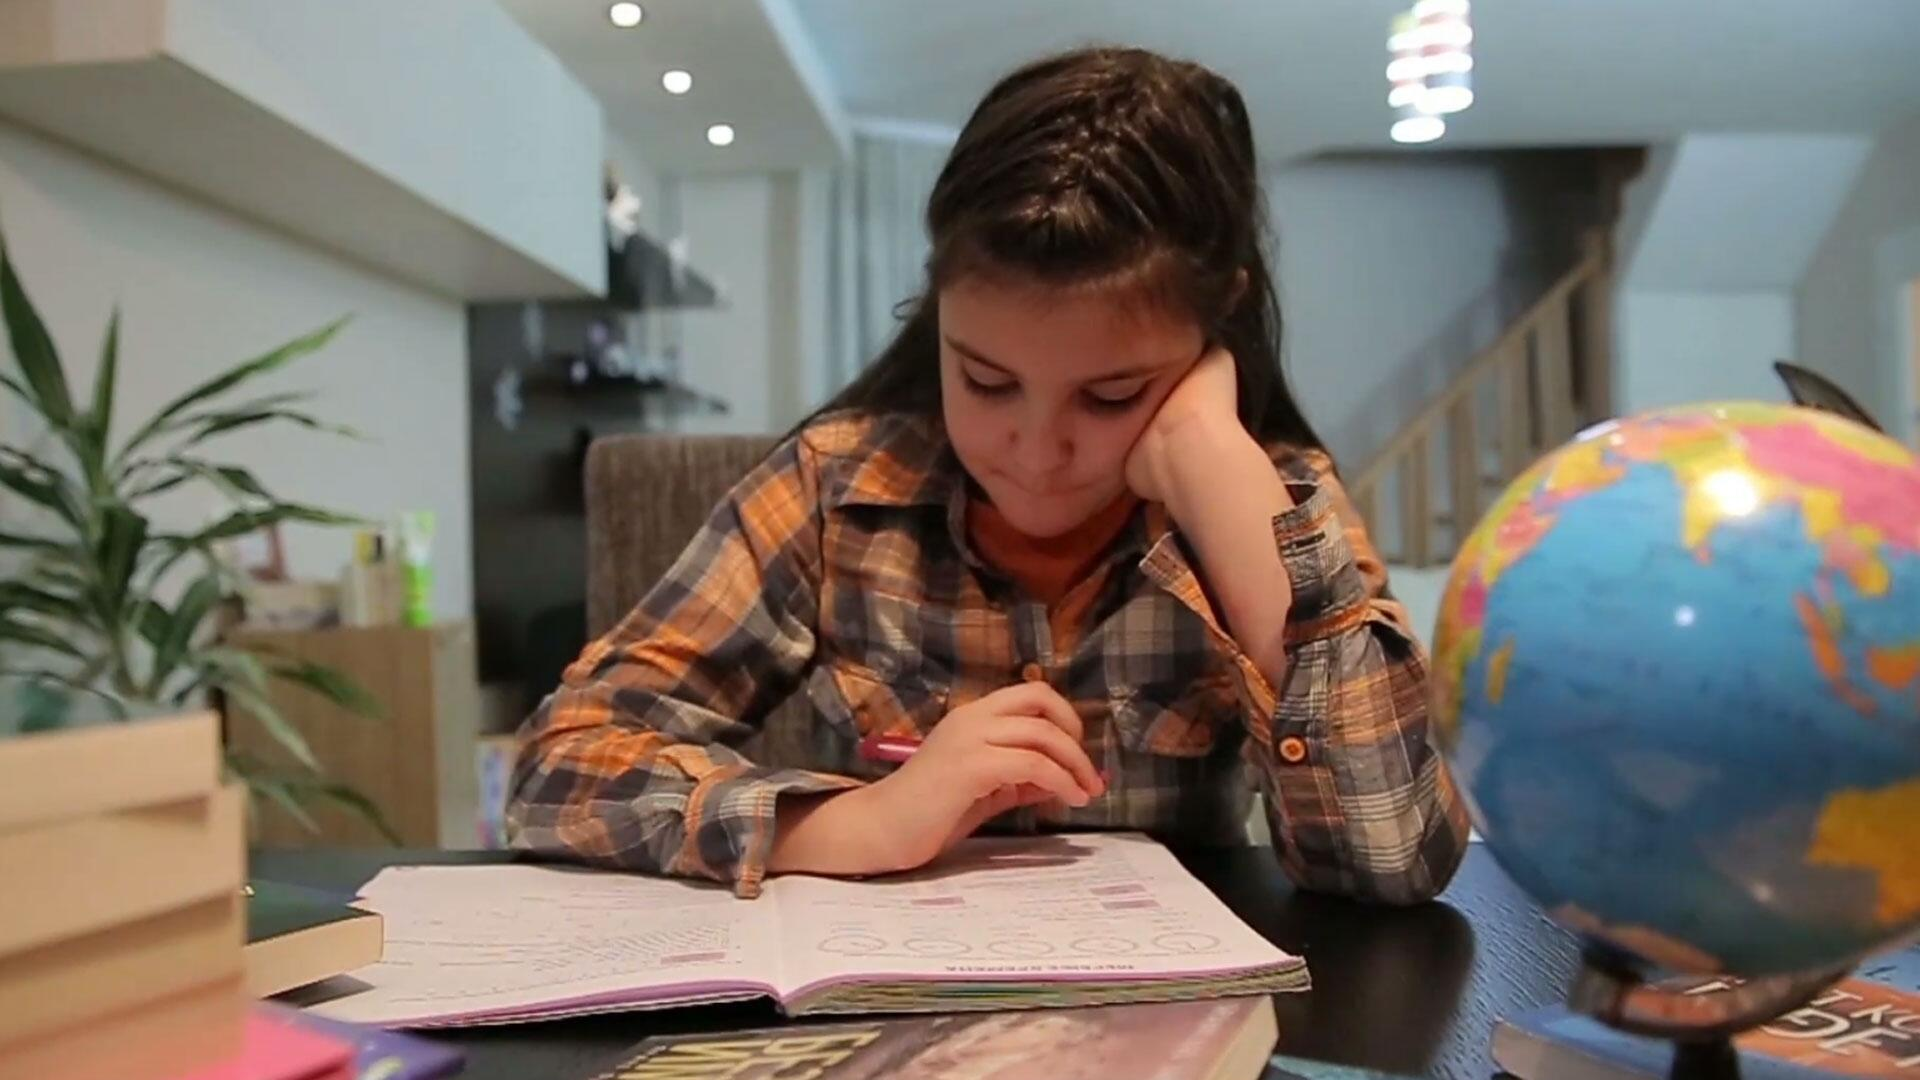 Bild zu Mädchen, Schülerin, Lernen, Buch, Schreibtisch, Schule, Globus